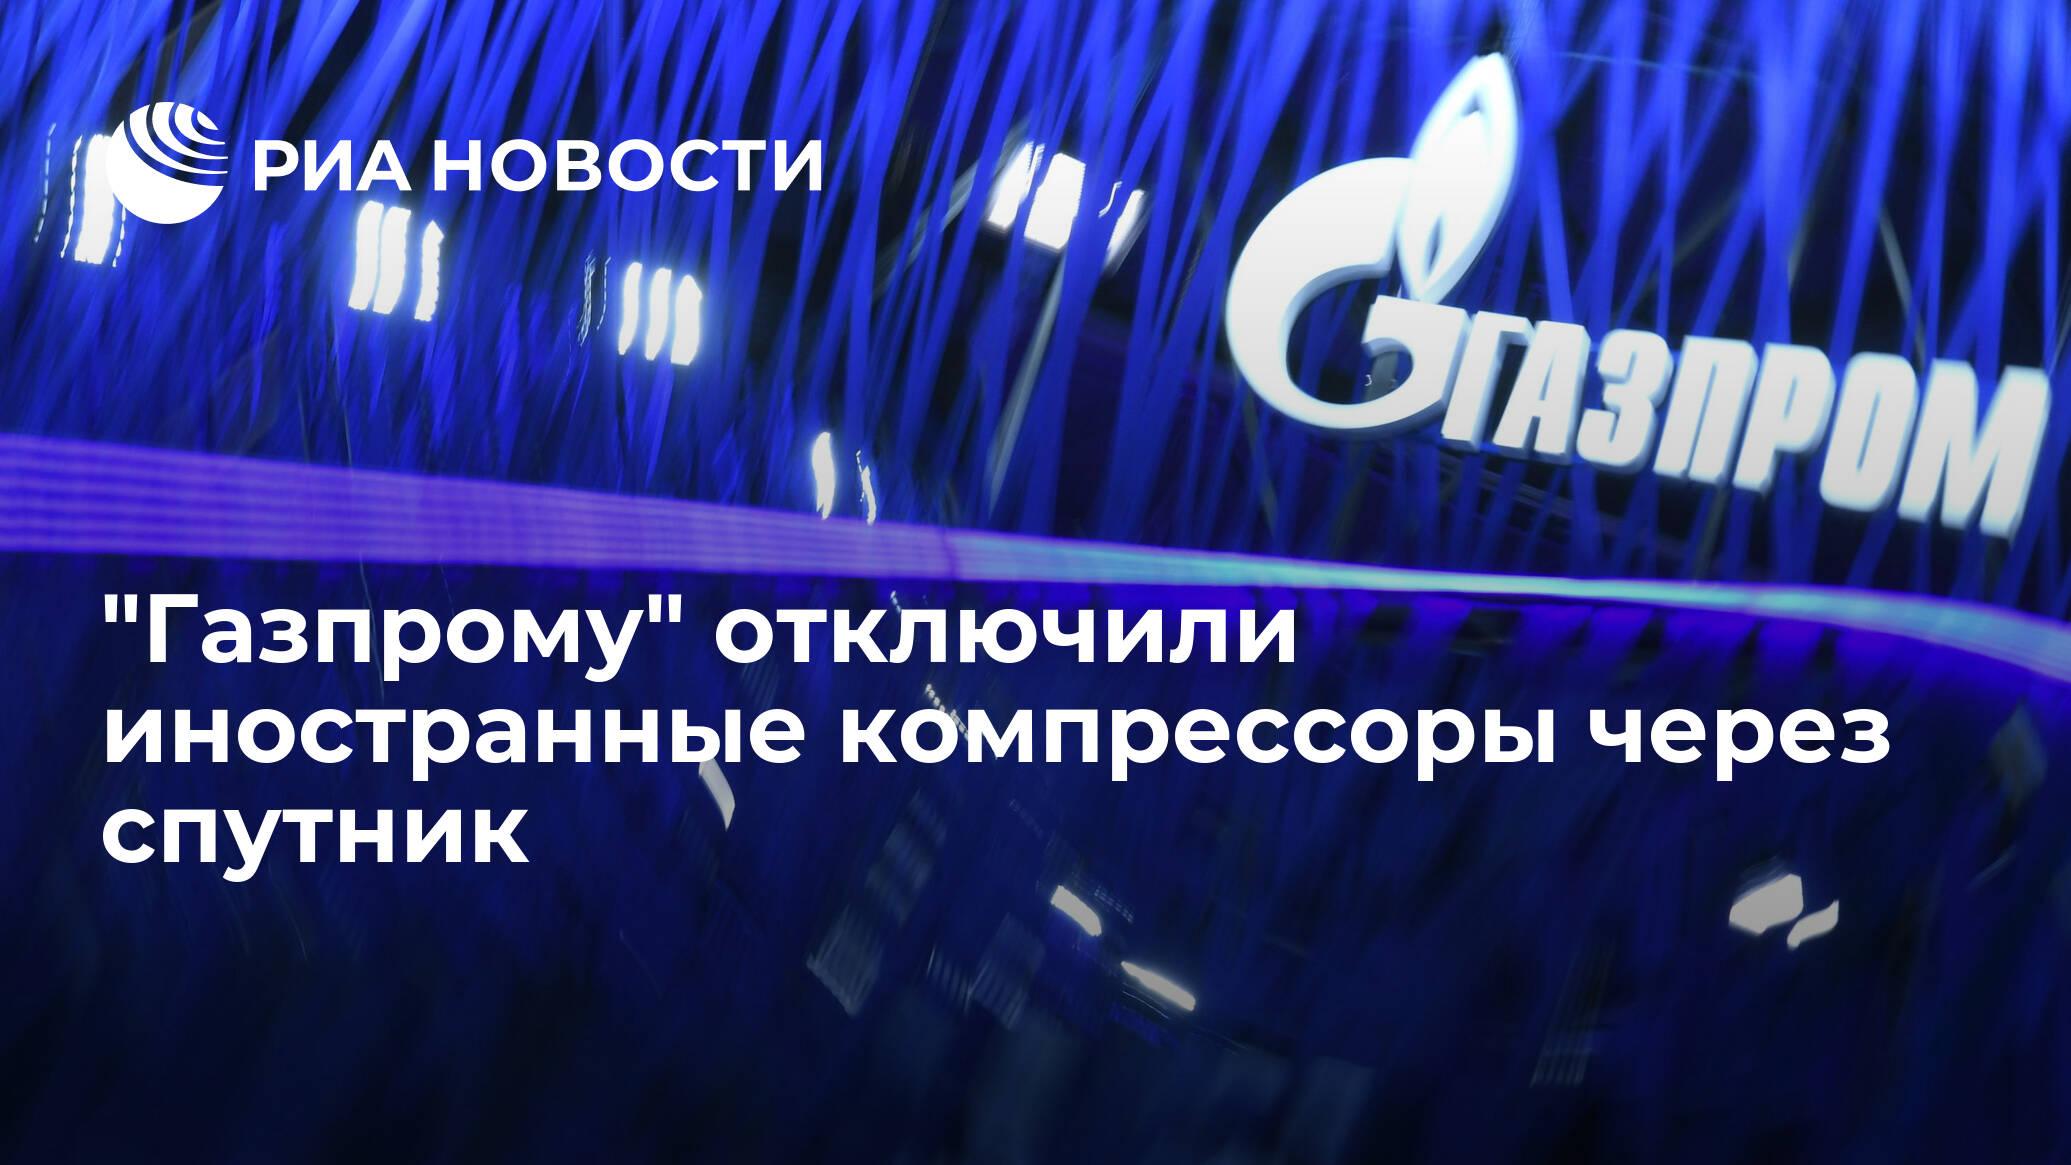 """""""Газпрому"""" отключили импортную технику через спутник - РИА Новости, 16.10.2019"""